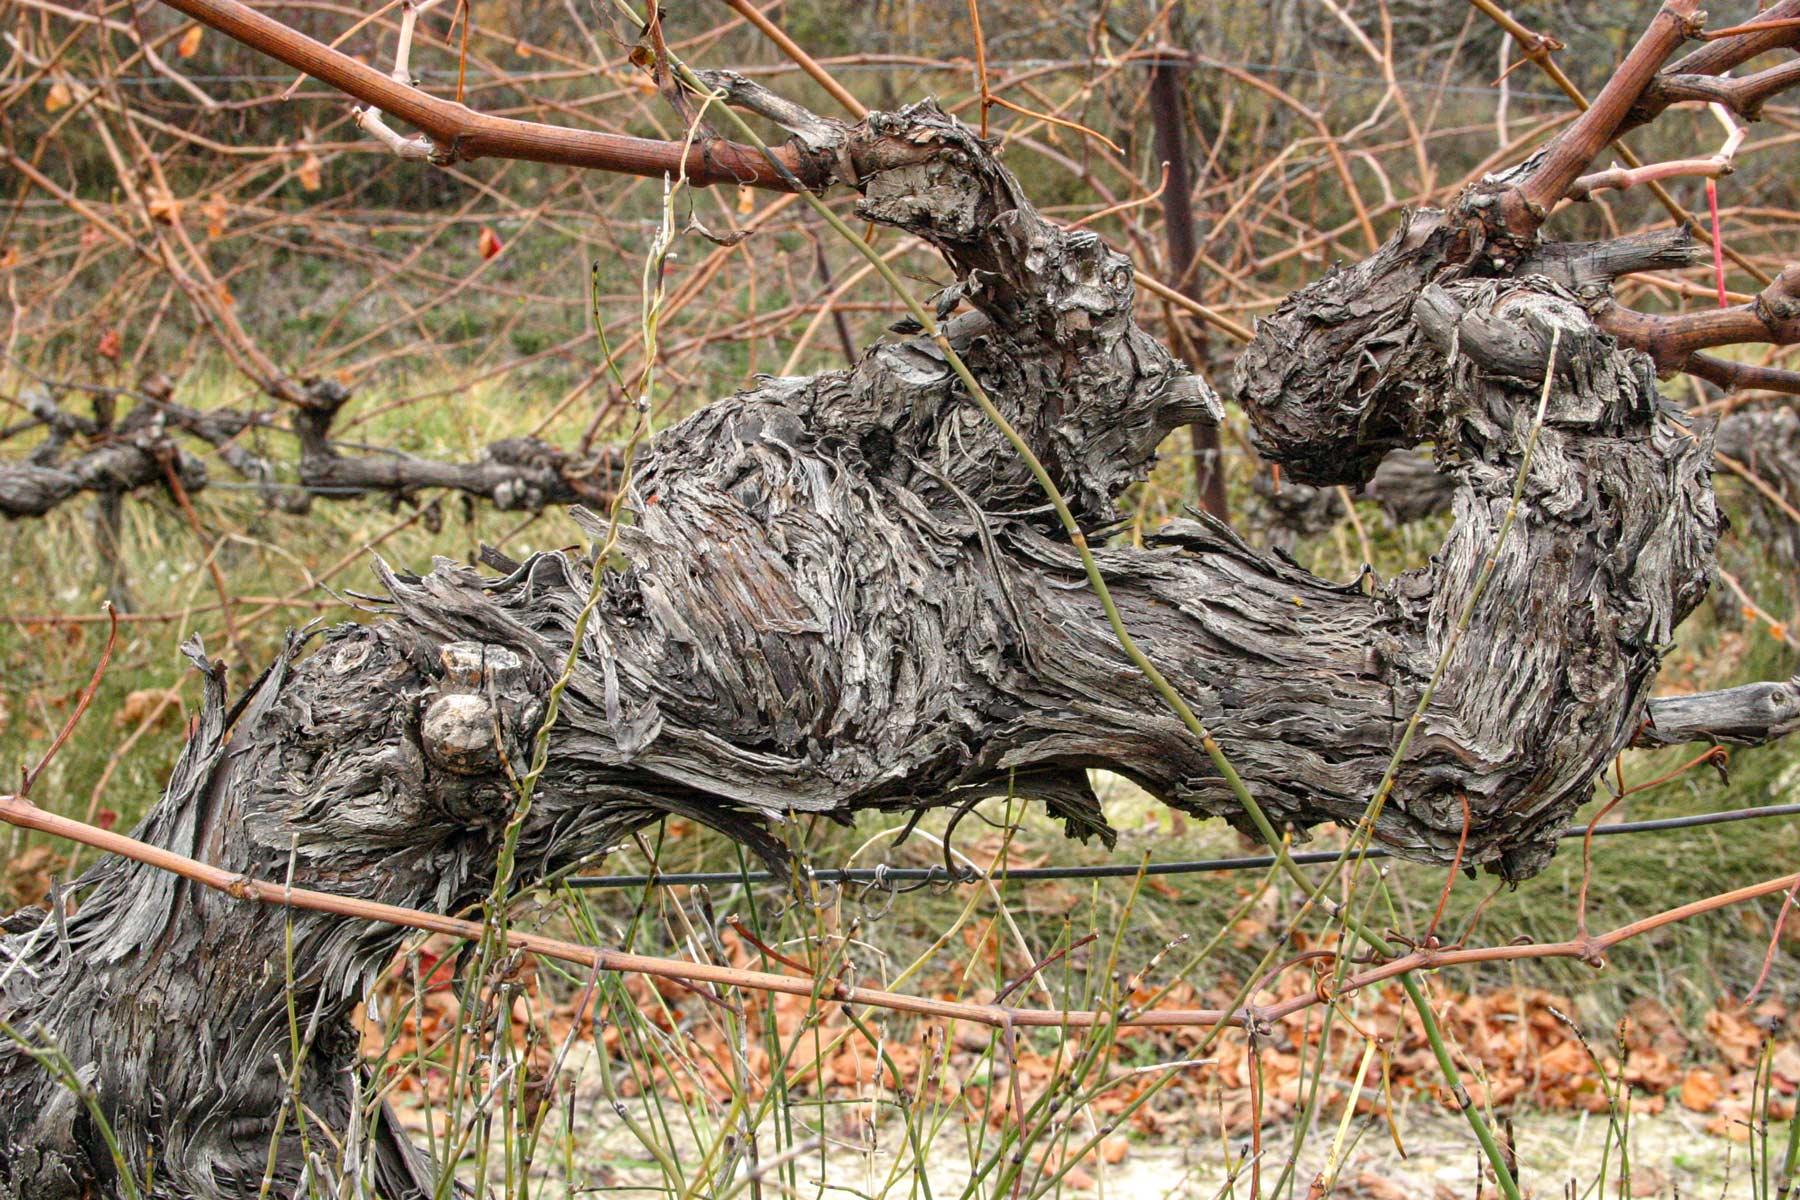 Grenache ist in den Weinen meist mit dem größten Anteil vertreten